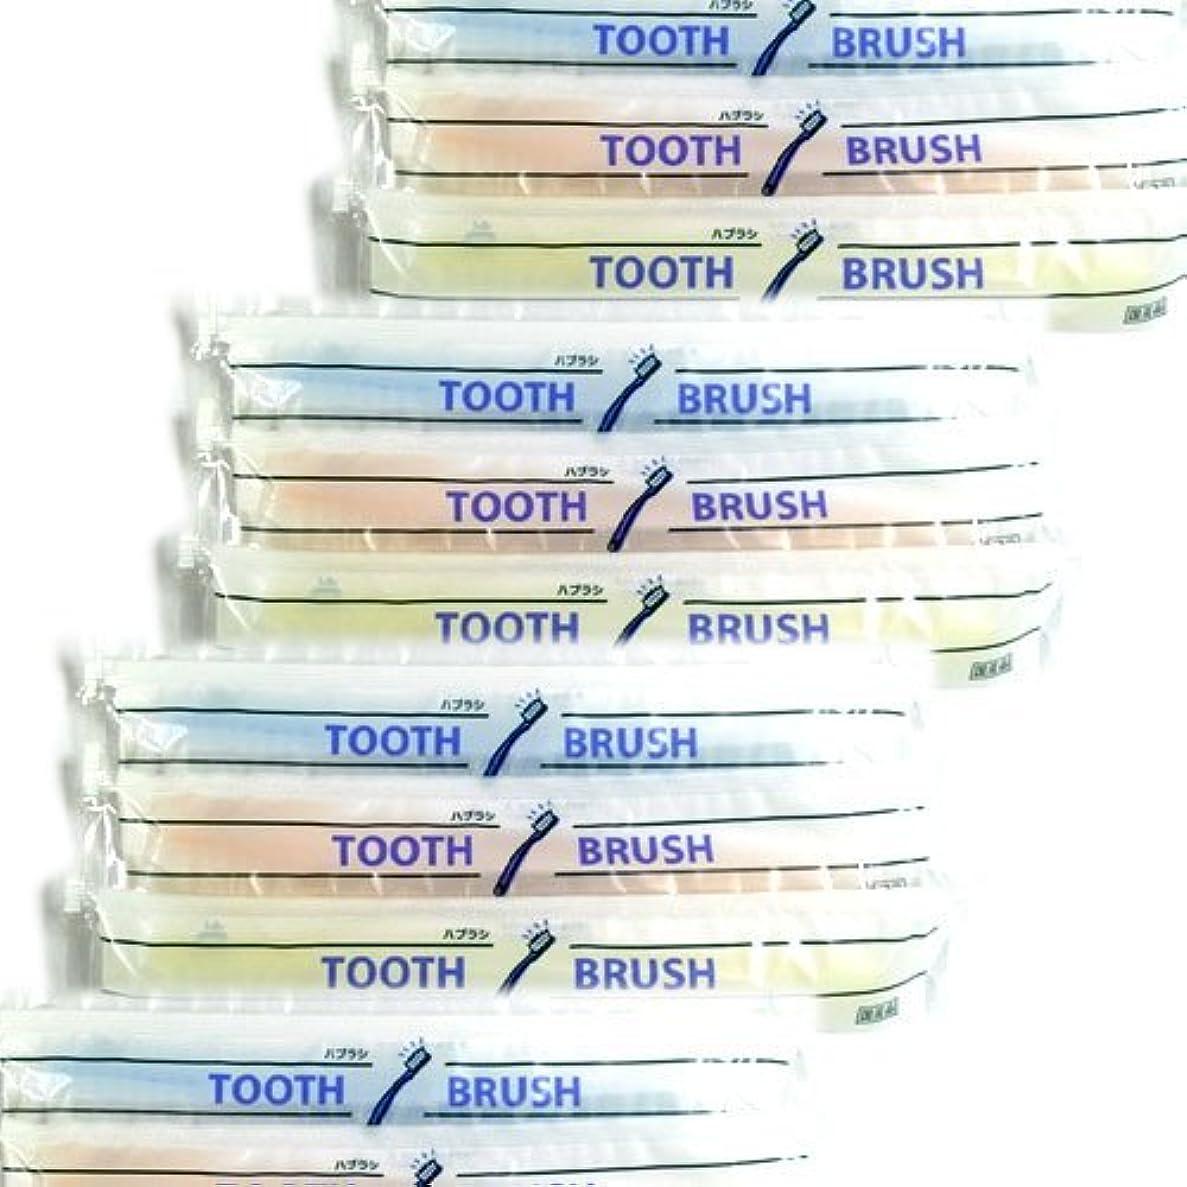 購入疑い肉のホテルアメニティ 業務用 使い捨て(インスタント) 粉付き歯ブラシ × 20個セット